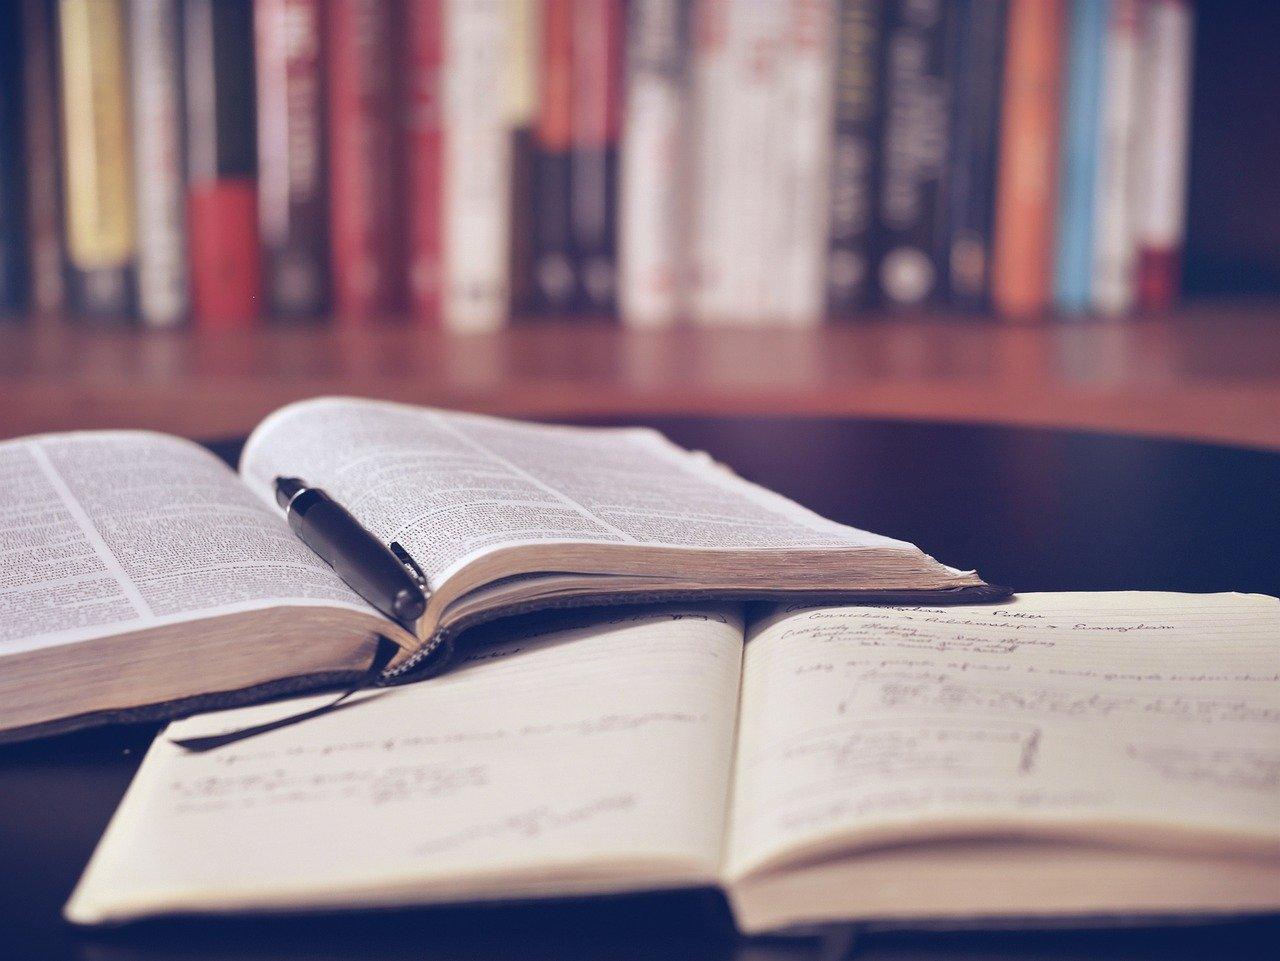 Kotiopetuksen tutkiva opettaja seuraa kotioppijan opinnoissa edistymistä, mutta ei kirjoita todistusta.